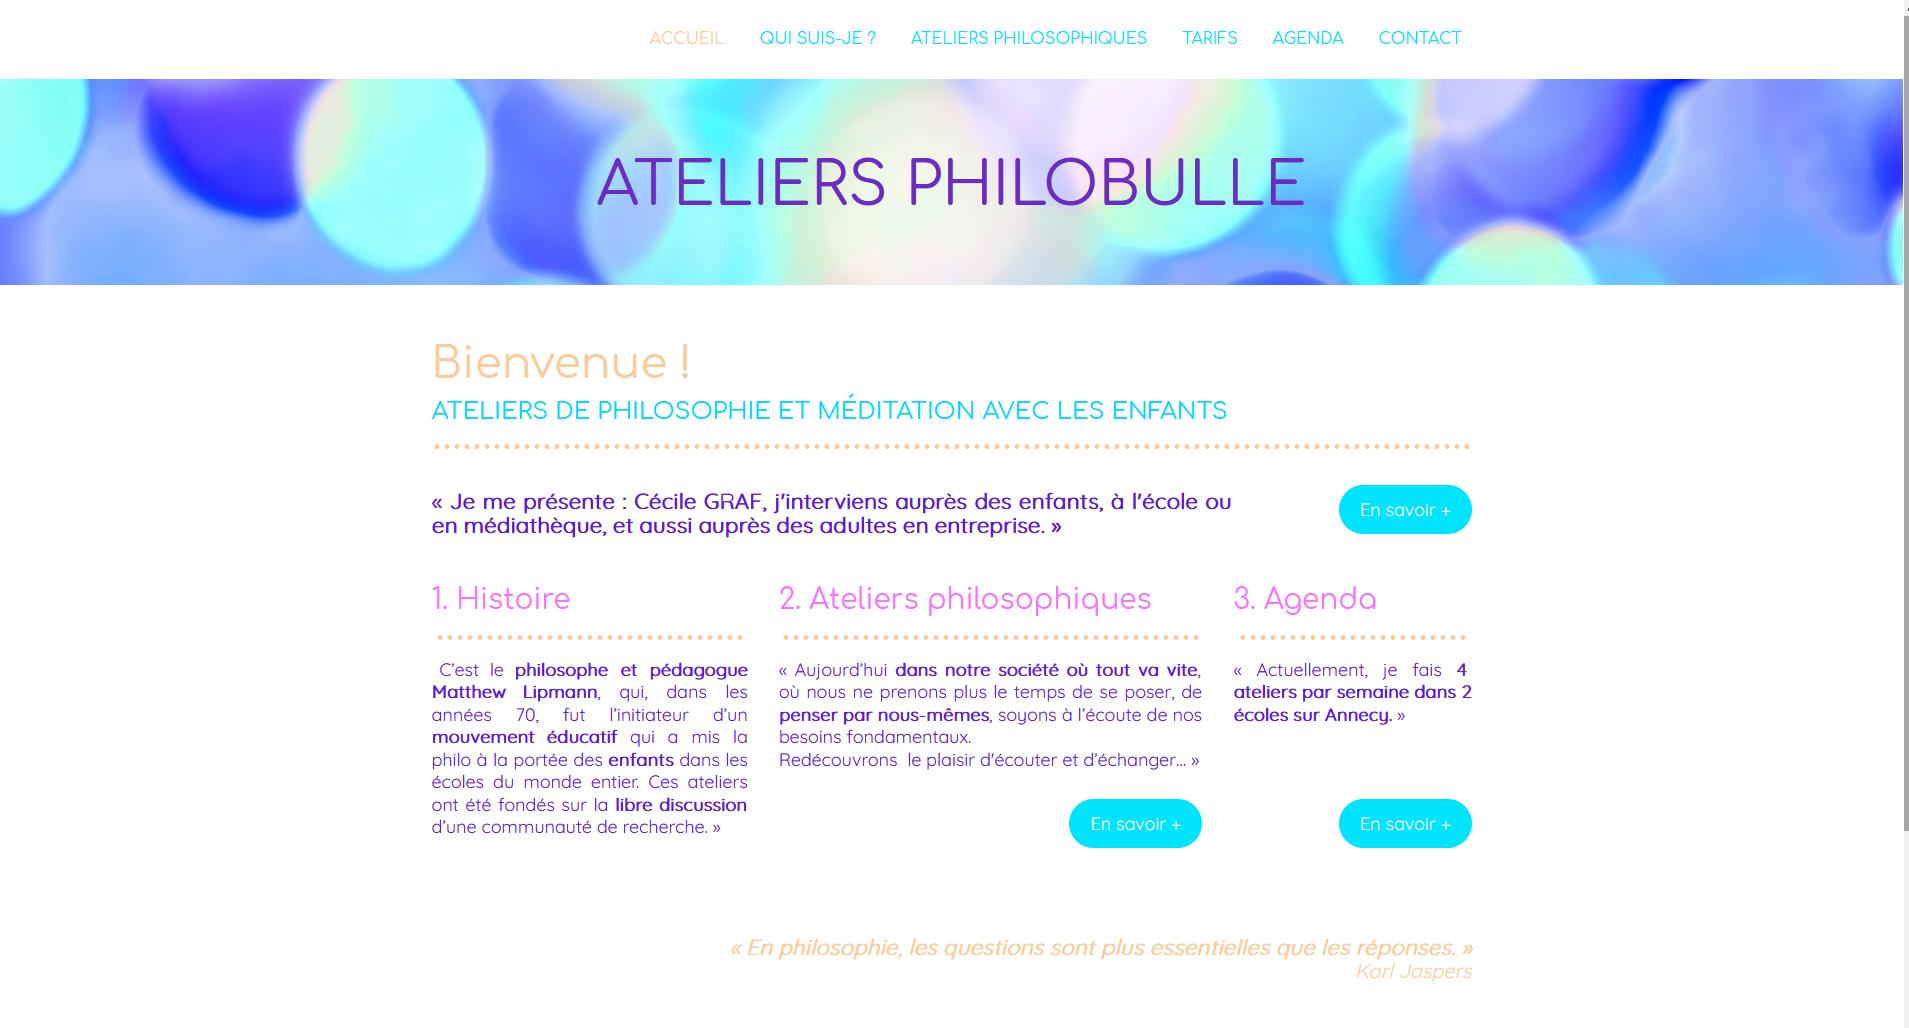 Site web des Ateliers Philobulle - 2020